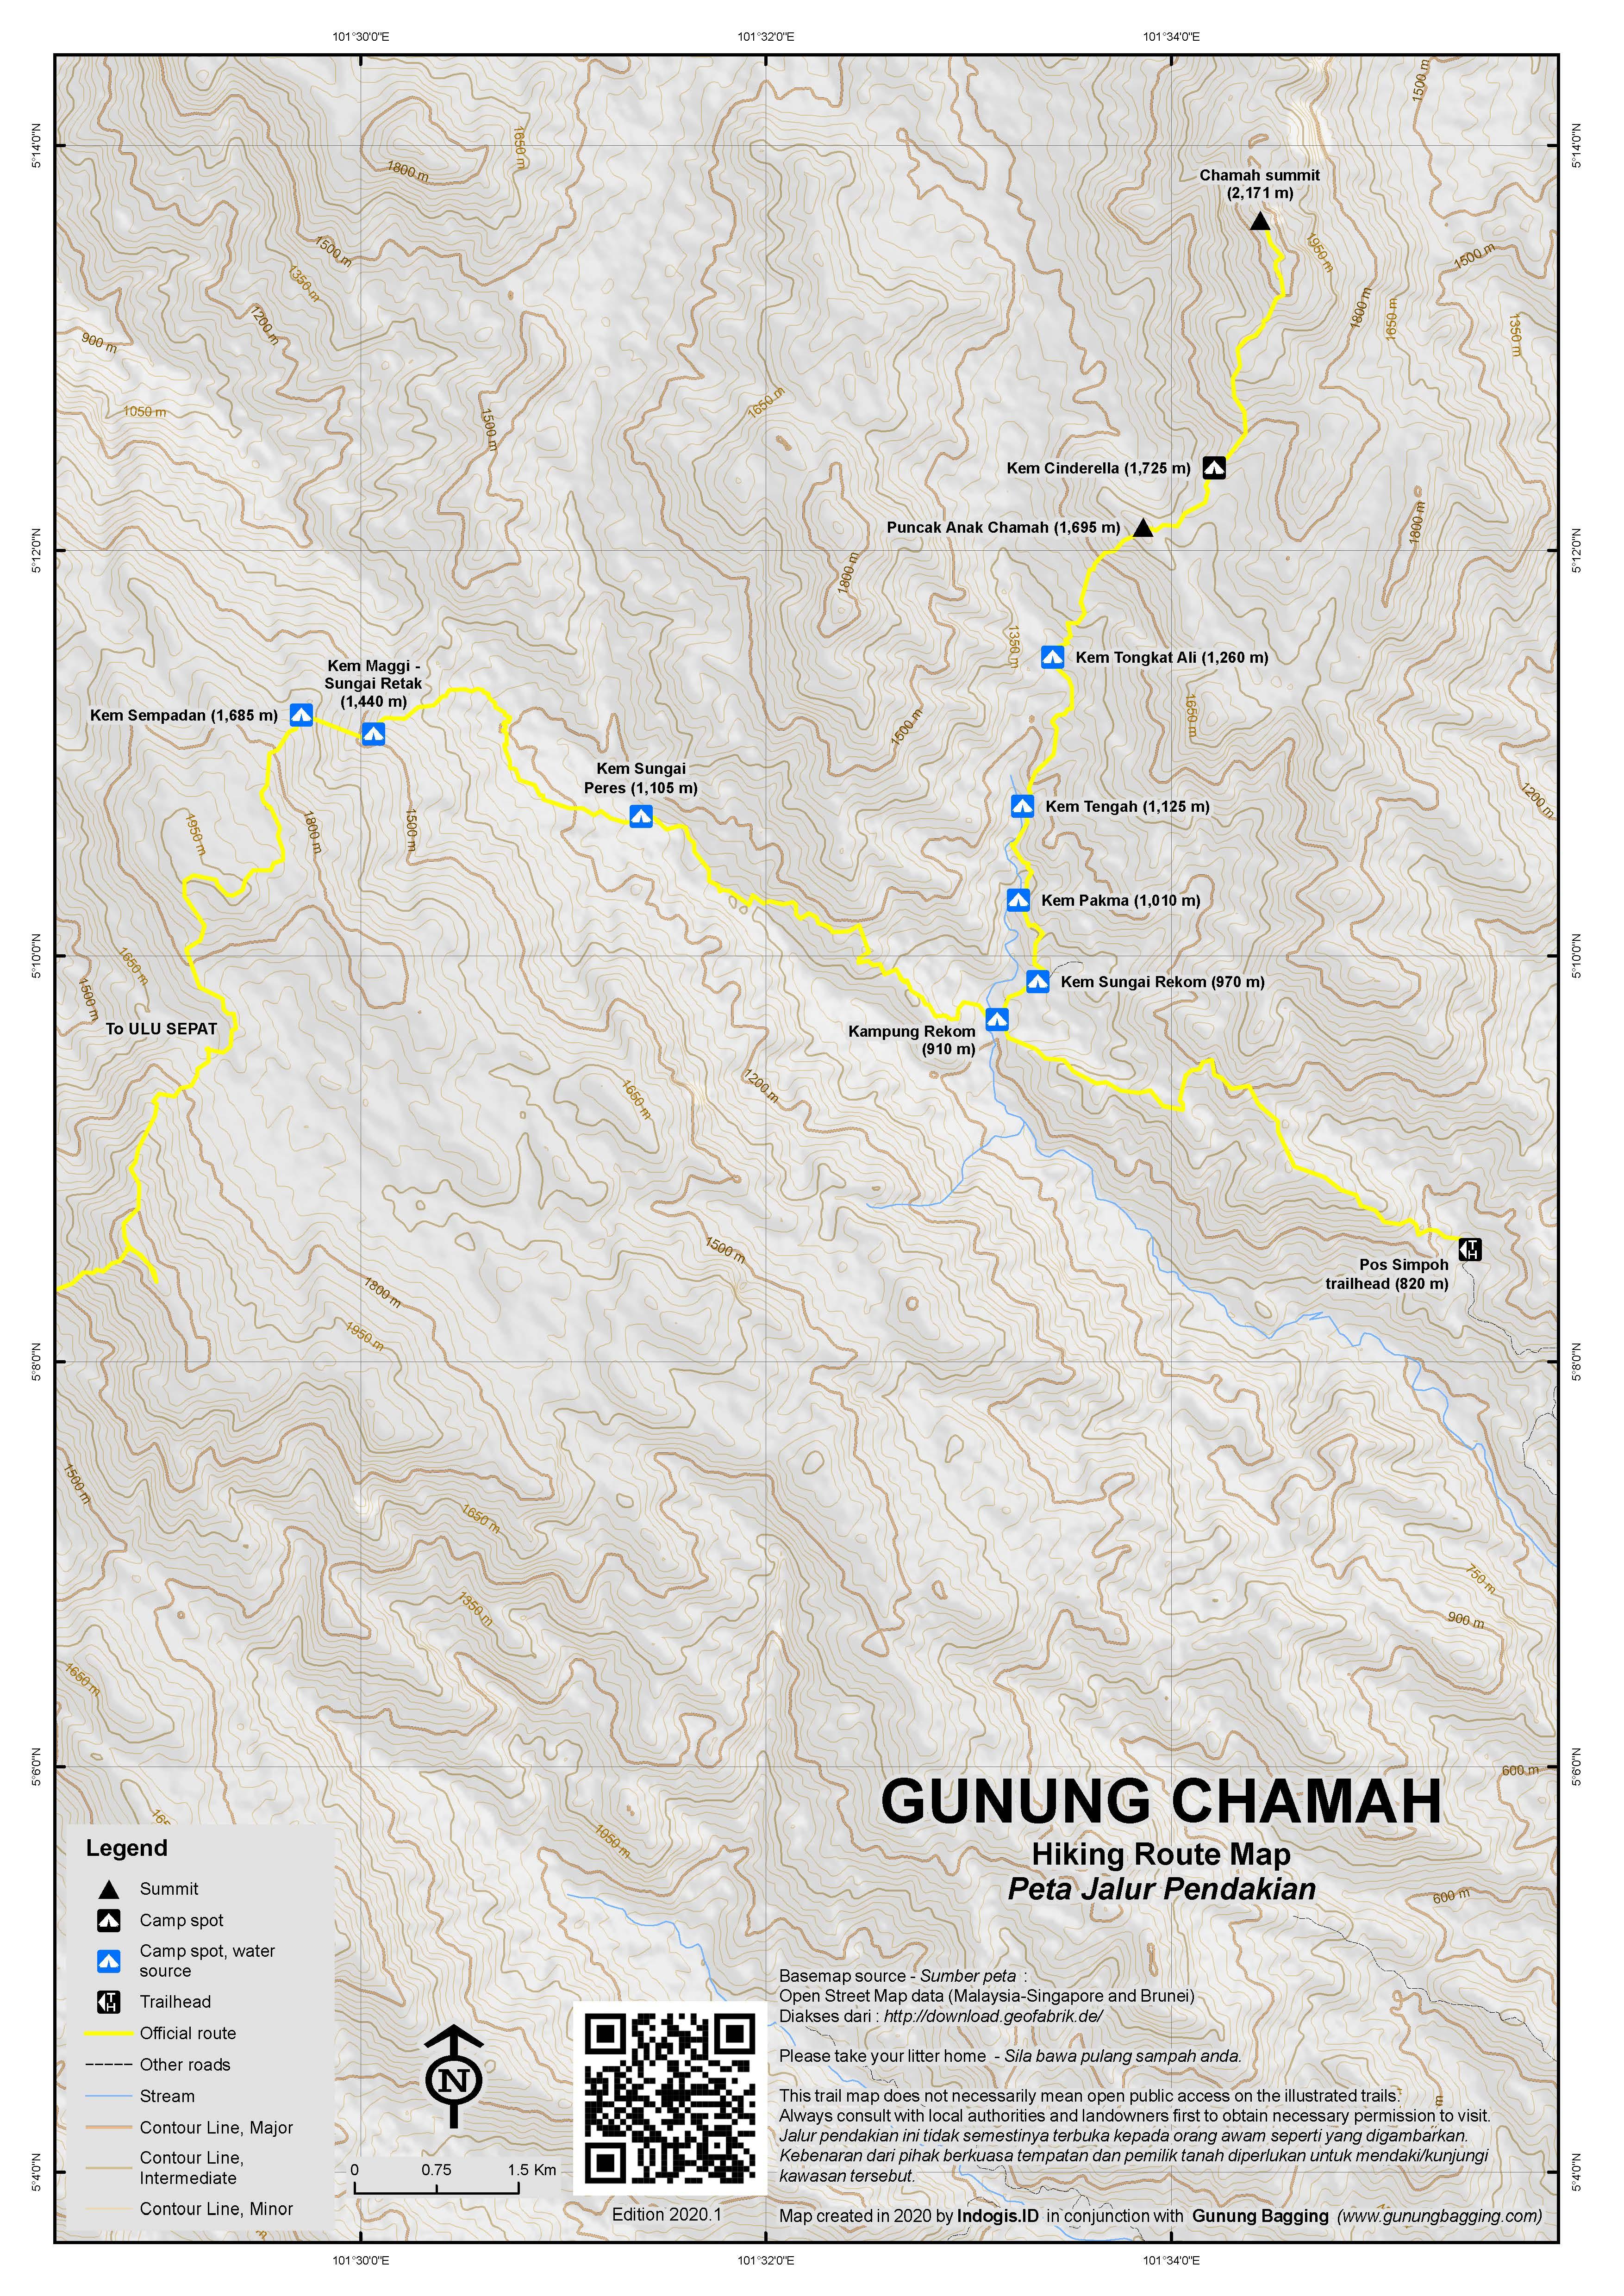 Peta Jalur Pendakian Gunung Chamah